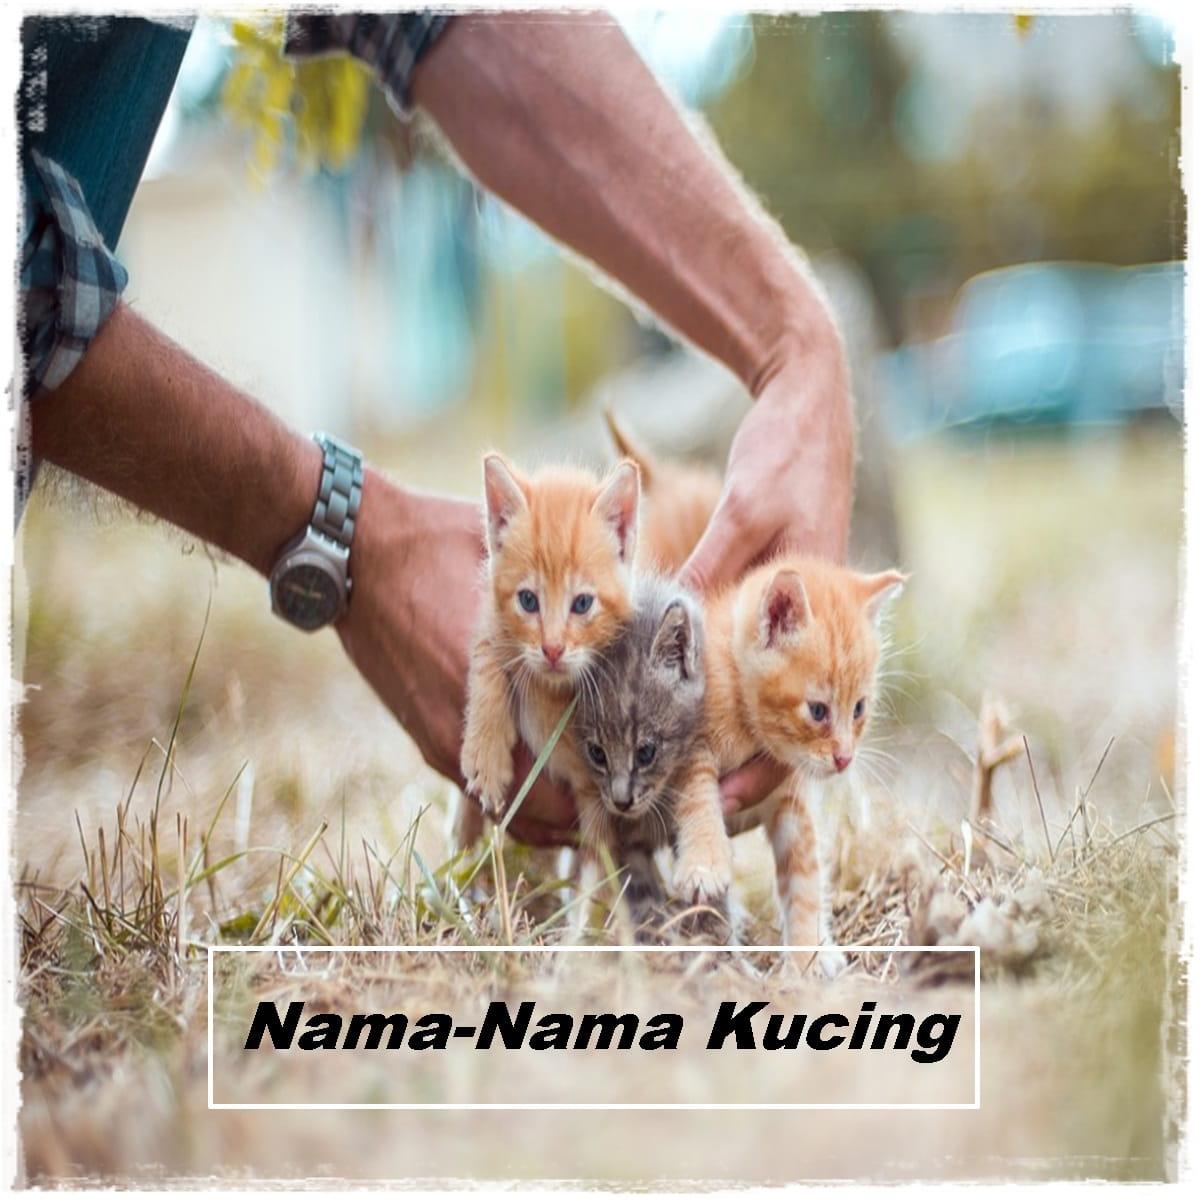 Nama-Nama Kucing